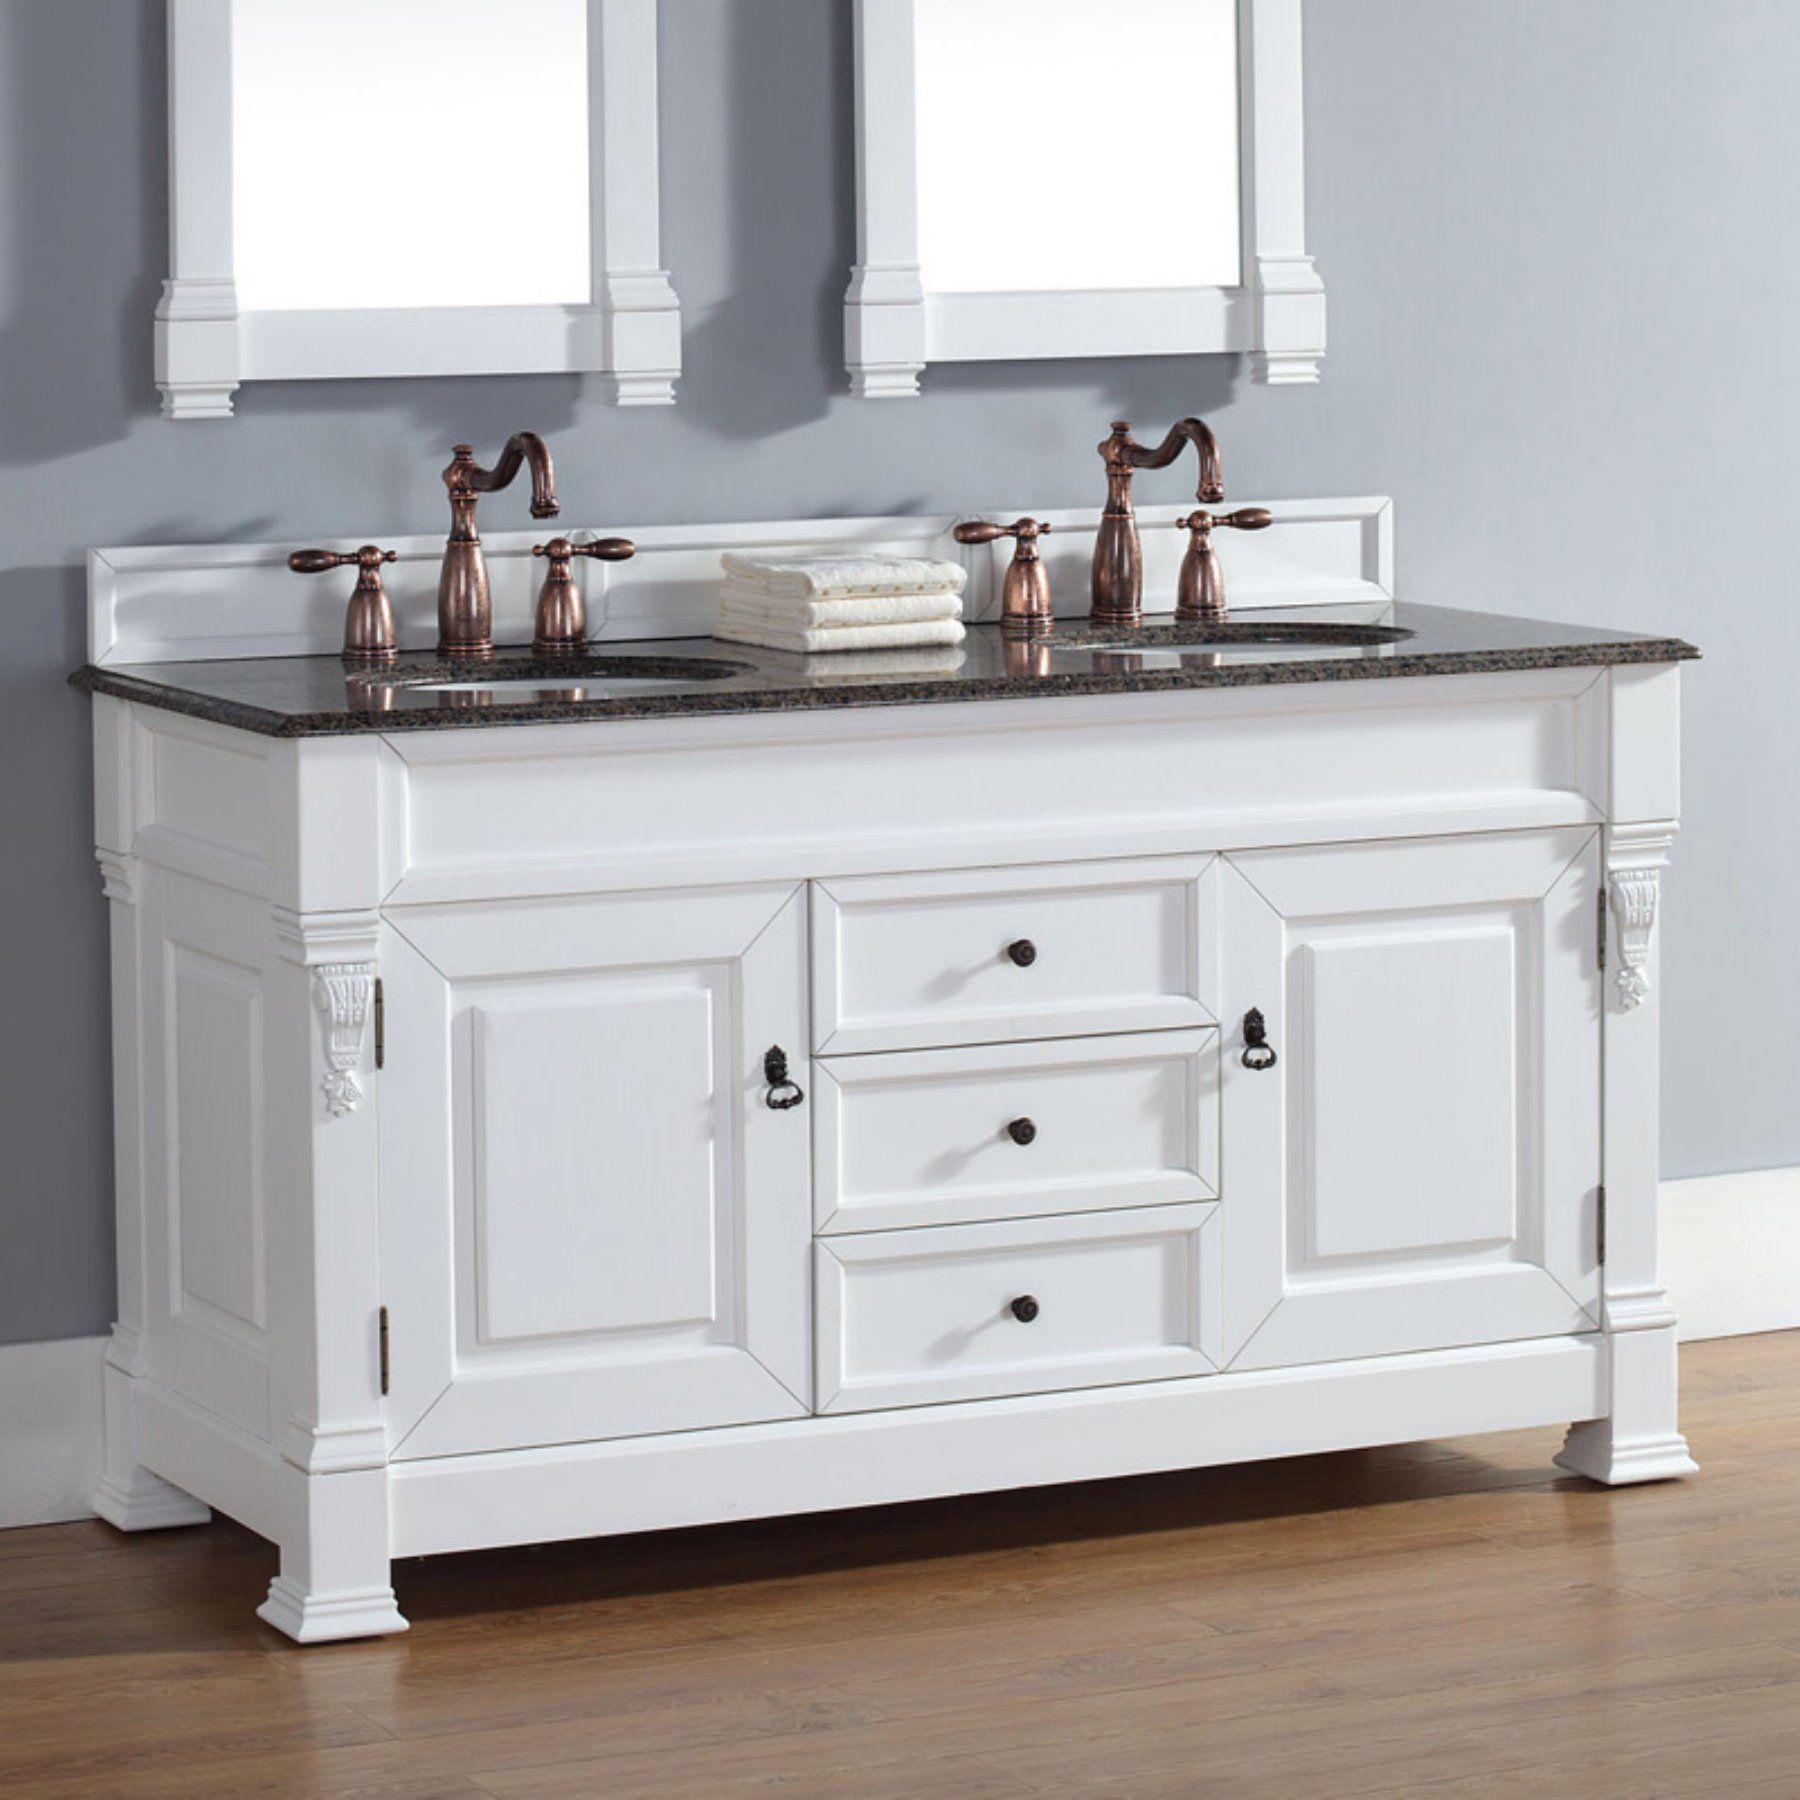 Badezimmer eitelkeiten mit lagerung james martin brookfield  in double bathroom vanity